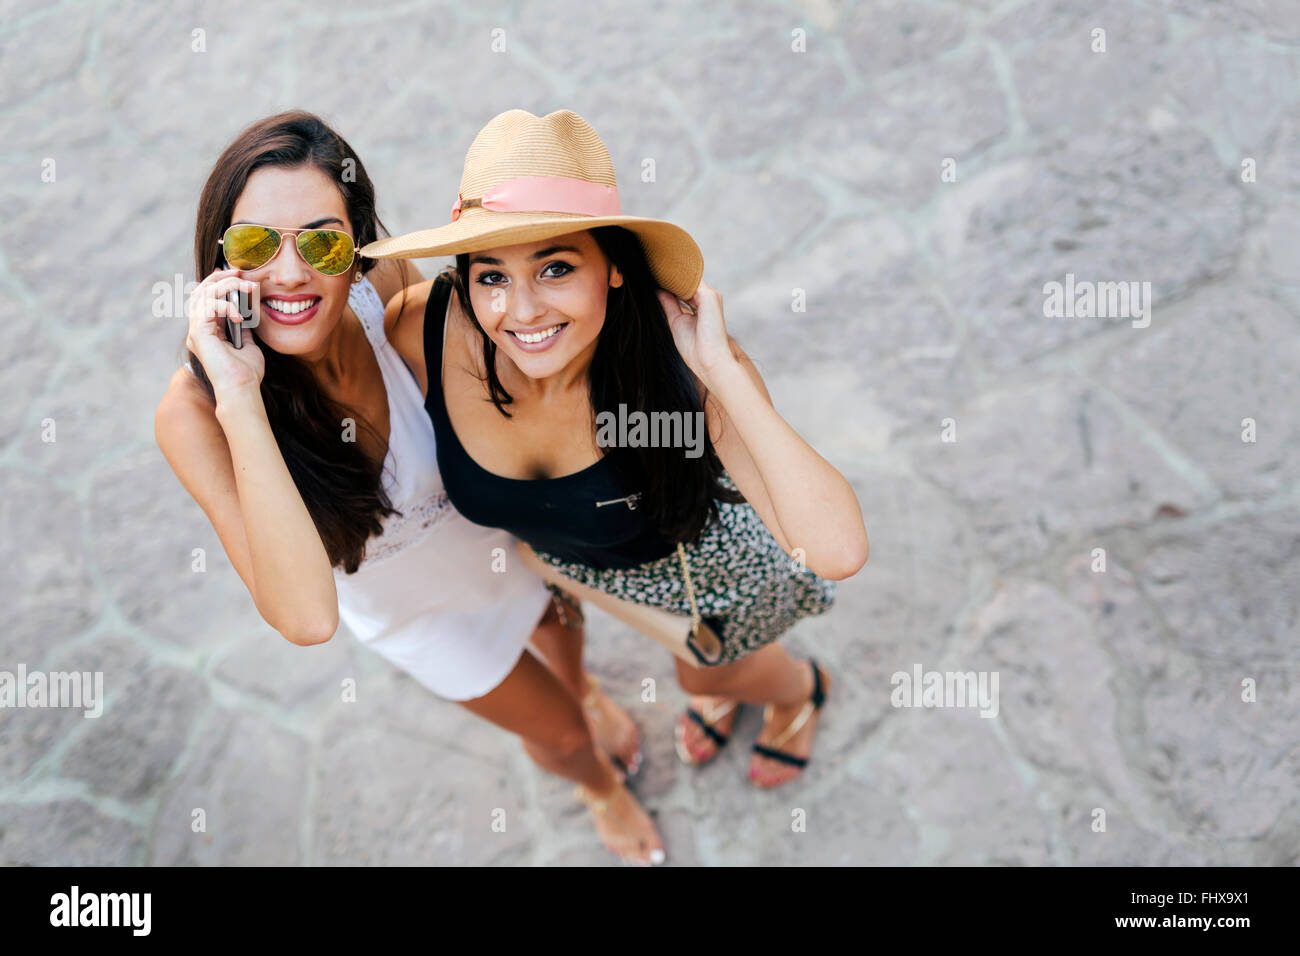 Belle piscine d'amis s'amuser et parlant au téléphone Photo Stock